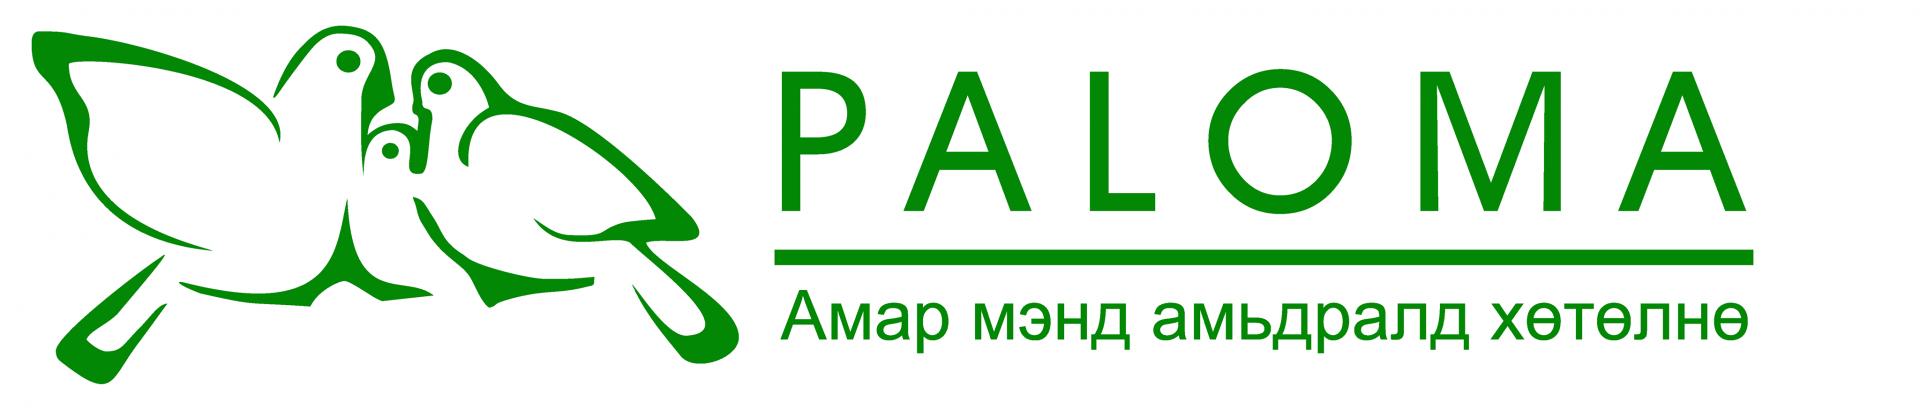 Палома ХХК | эм ханган нийлүүлэх байгууллага